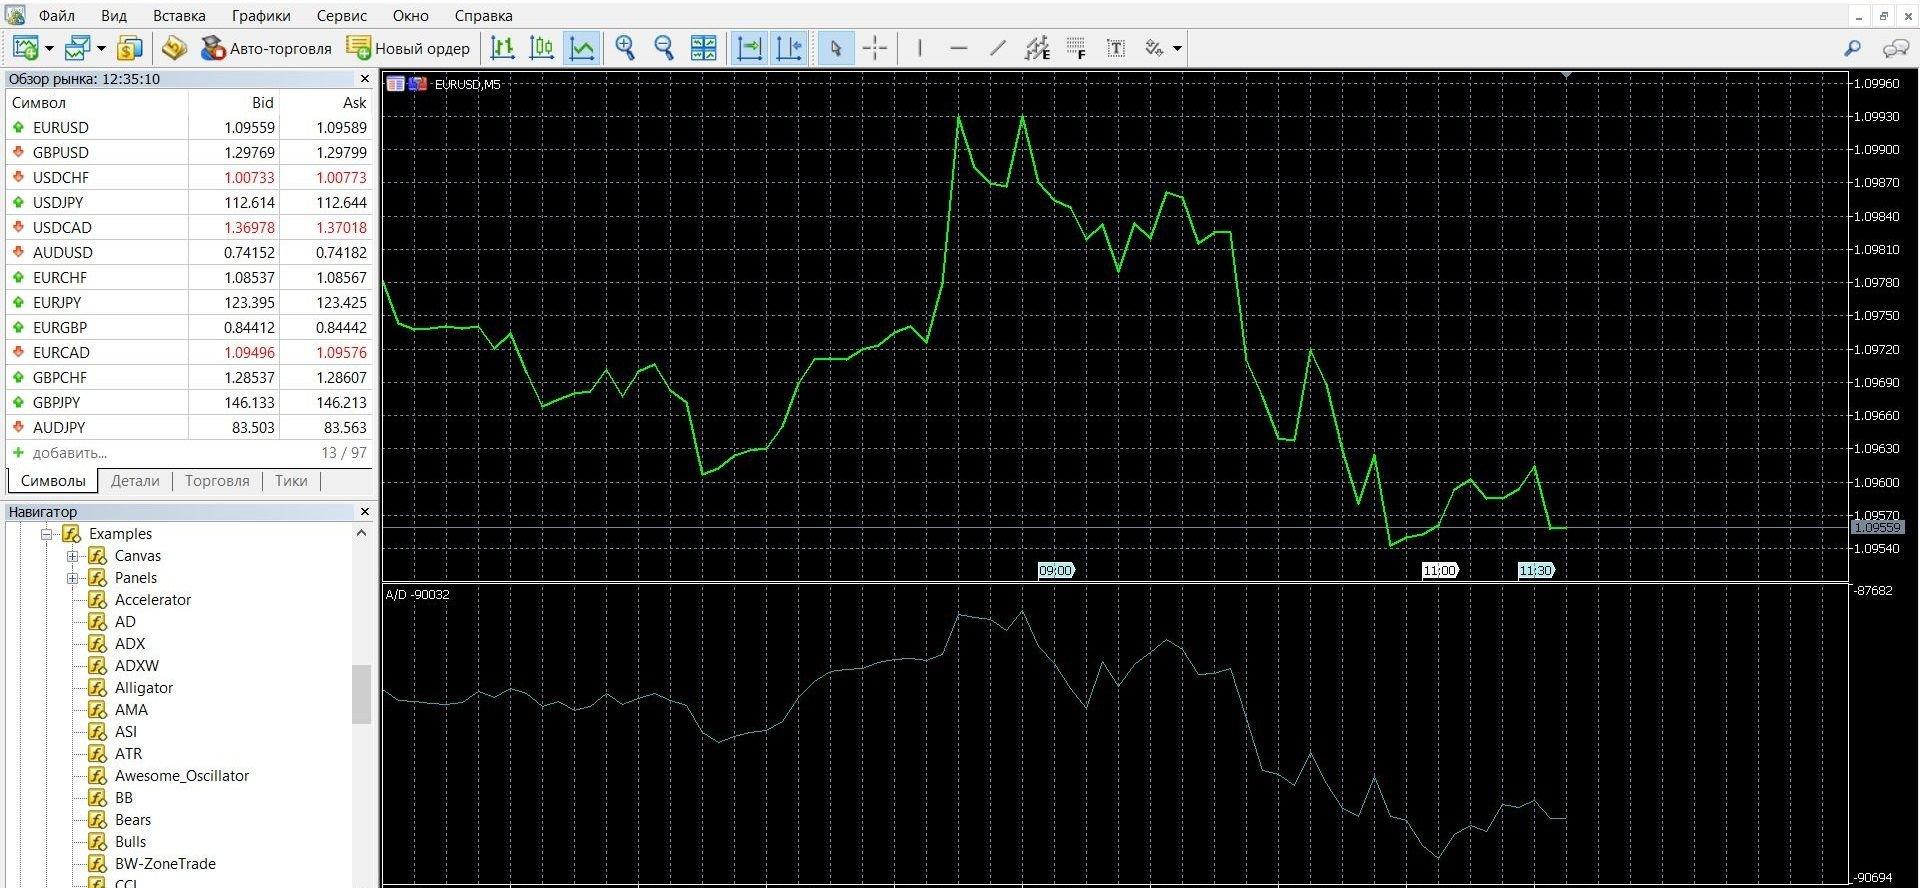 Accumulation Distribution используется для определения сигналов дивергенции